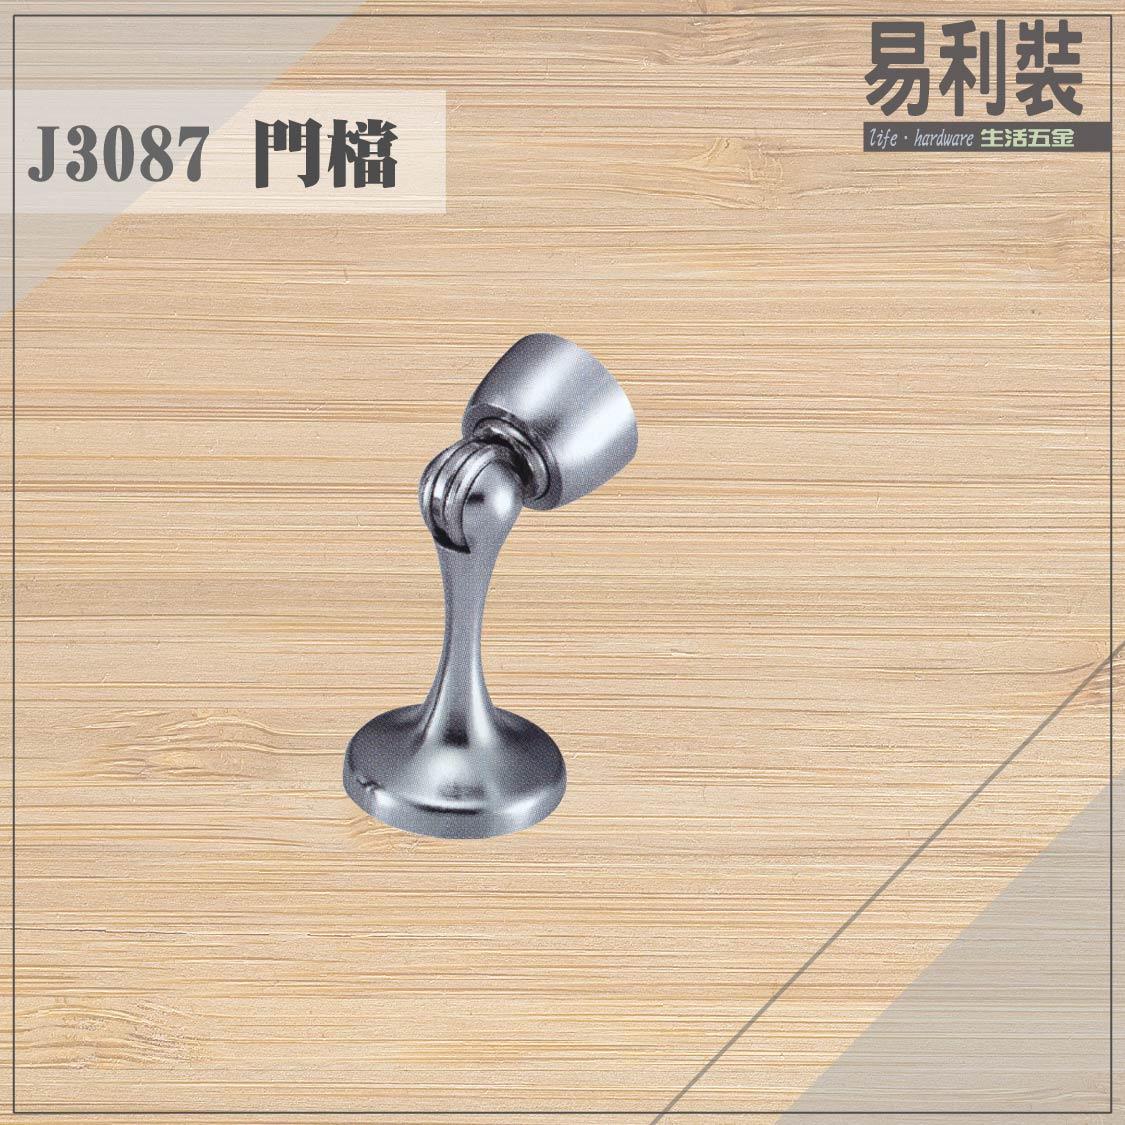 【 EASYCAN  】J3087 不鏽鋼門檔 易利裝生活五金 浴室 廚房 房間 臥房 衣櫃 小資族 辦公家具 系統家具